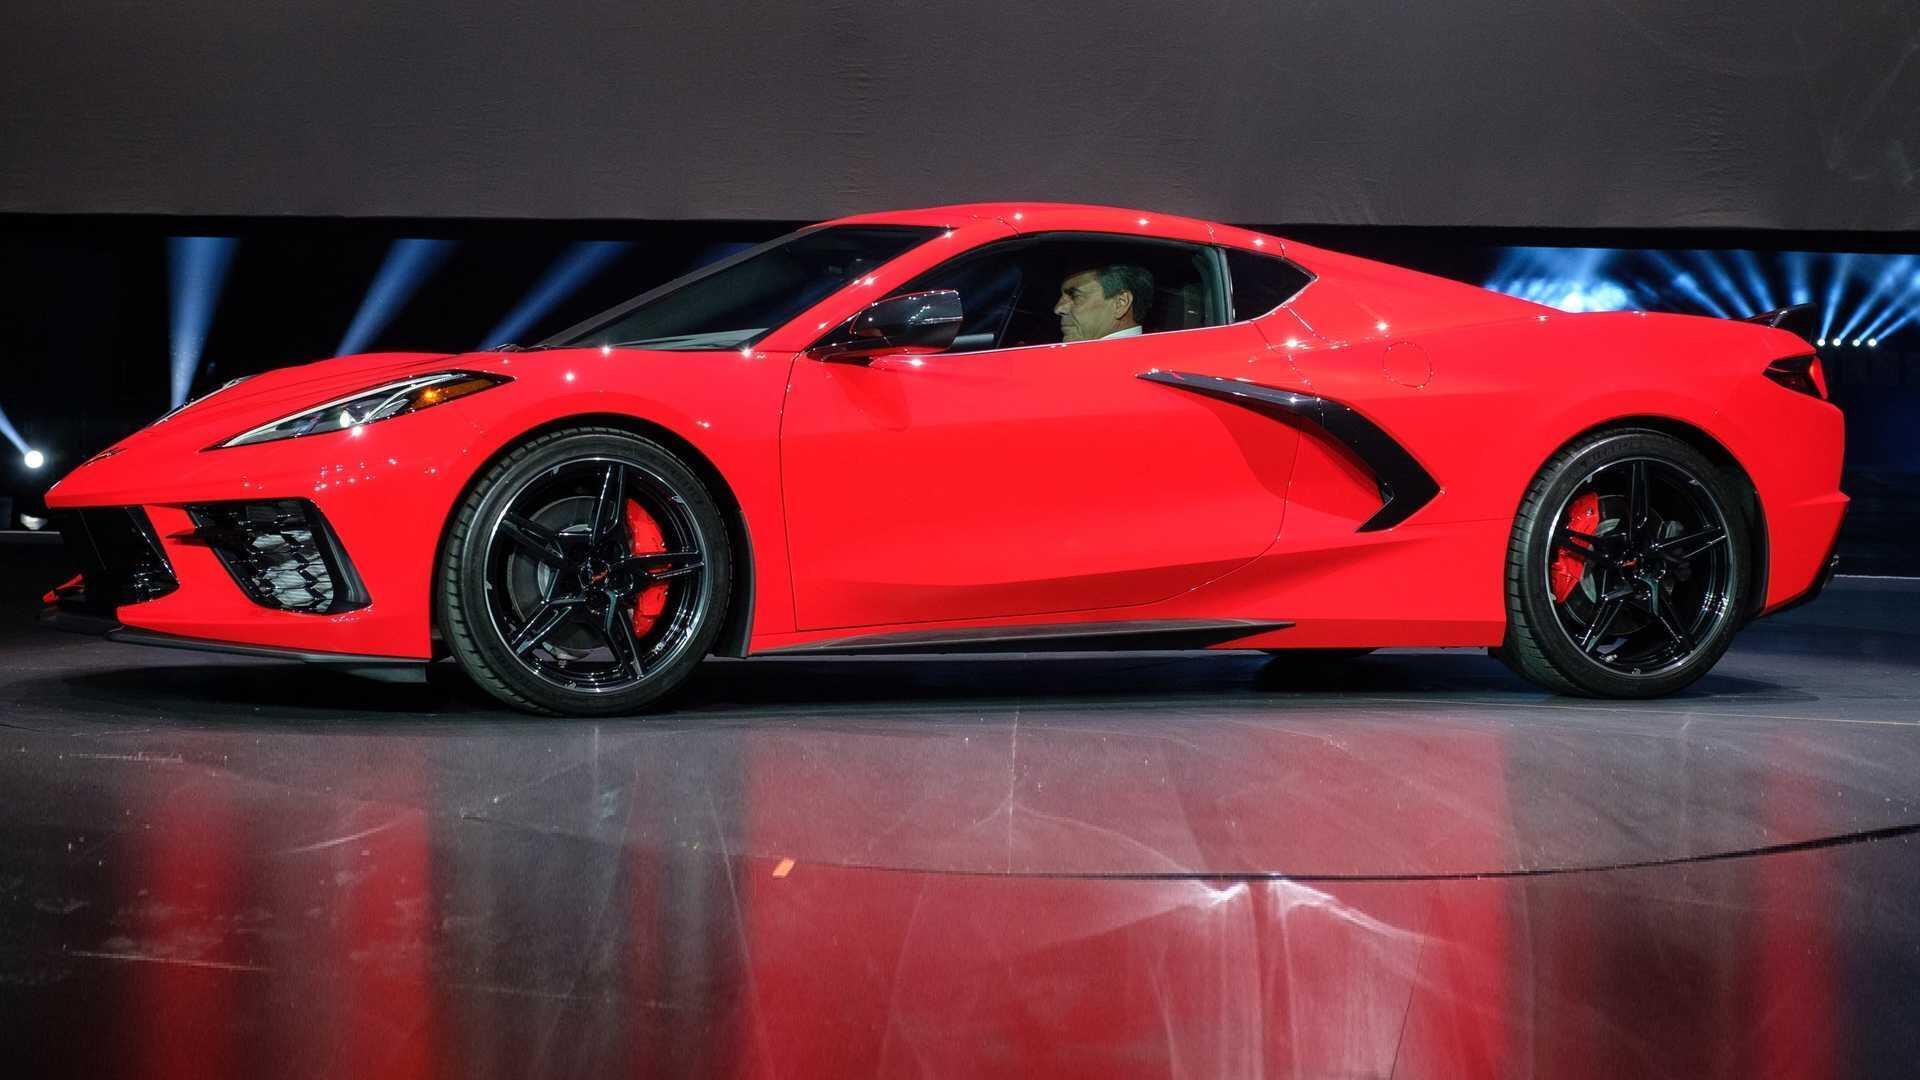 https://cdn.dailyxe.com.vn/image/chevrolet-corvette-2020-co-mot-so-tinh-nang-an-tuyet-voi-28-94532j2.jpg